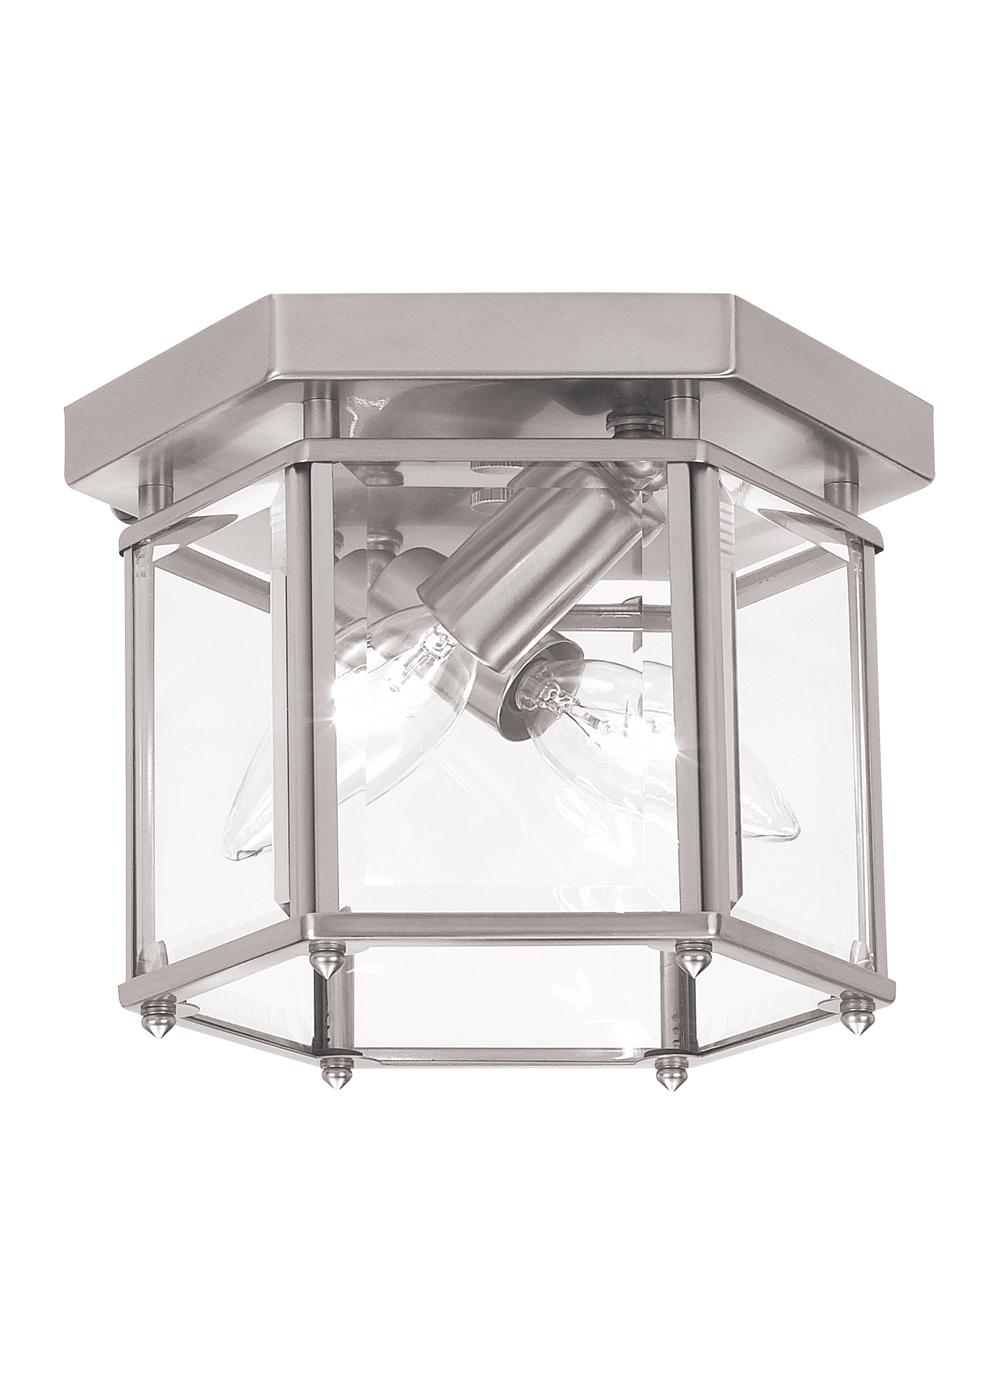 Sea Gull Lighting - Two Light Ceiling Flush Mount